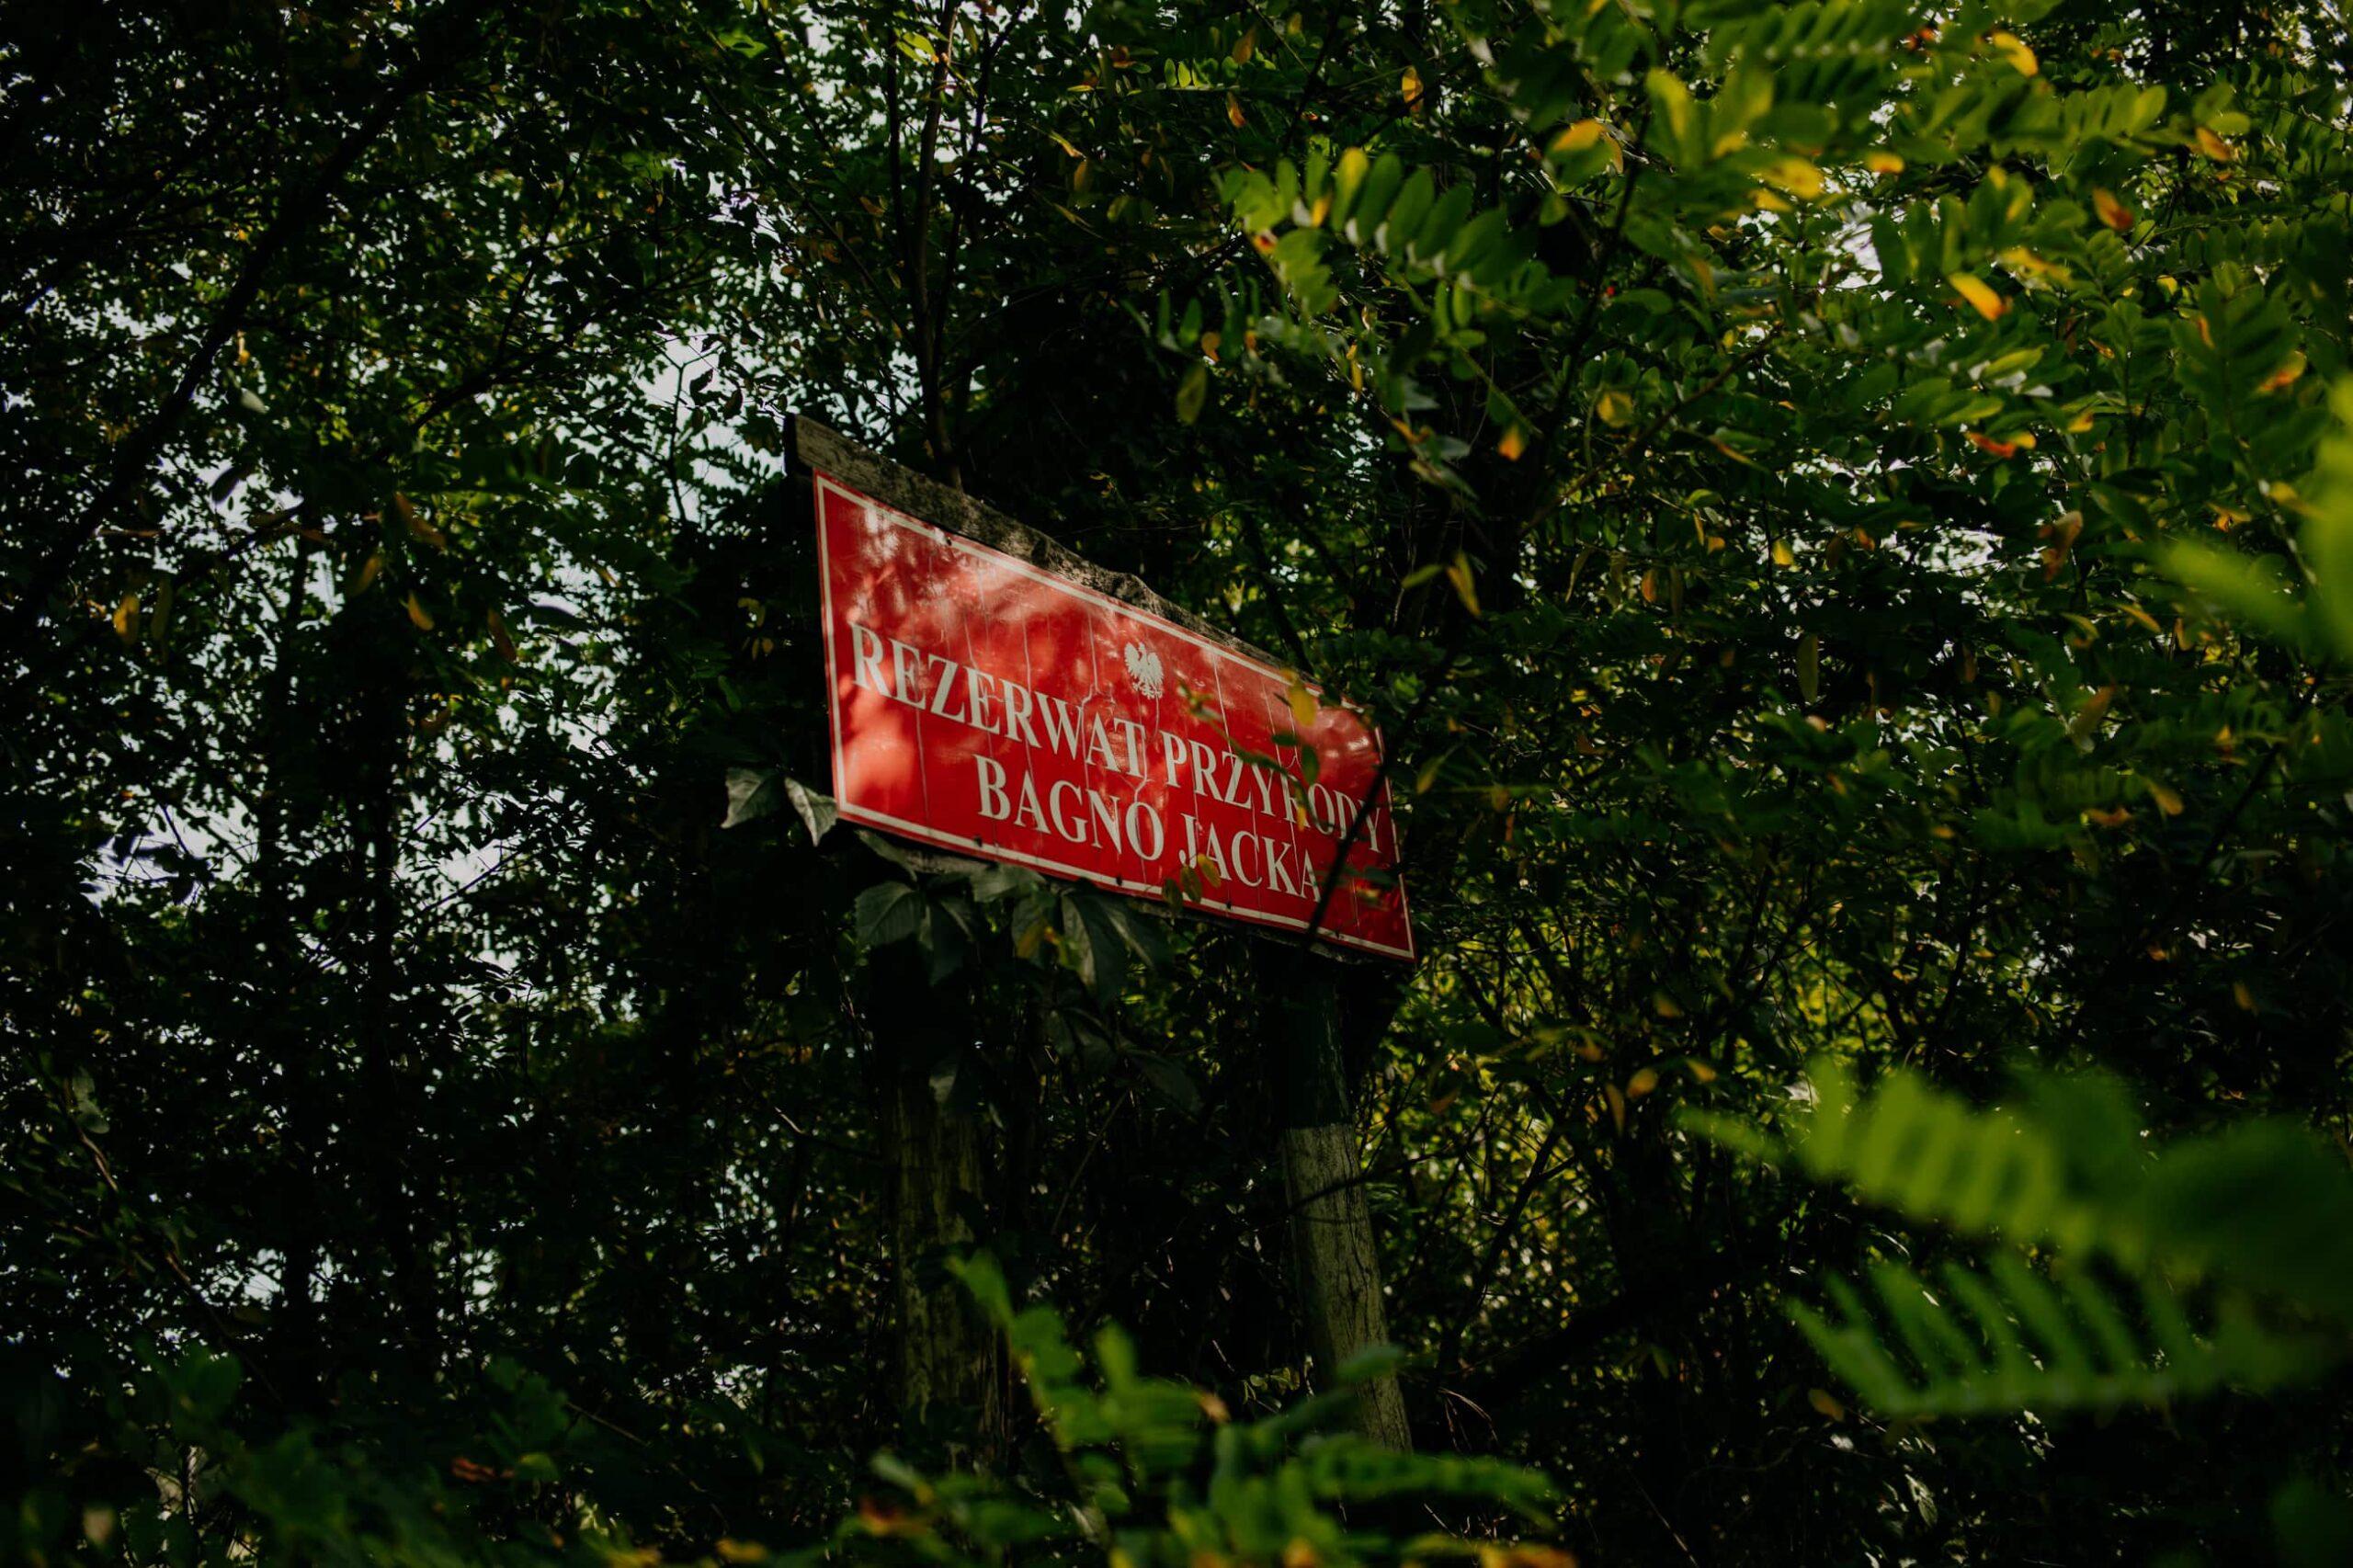 Rezerwat przyrody Bagno Jacka Sesja ślubna